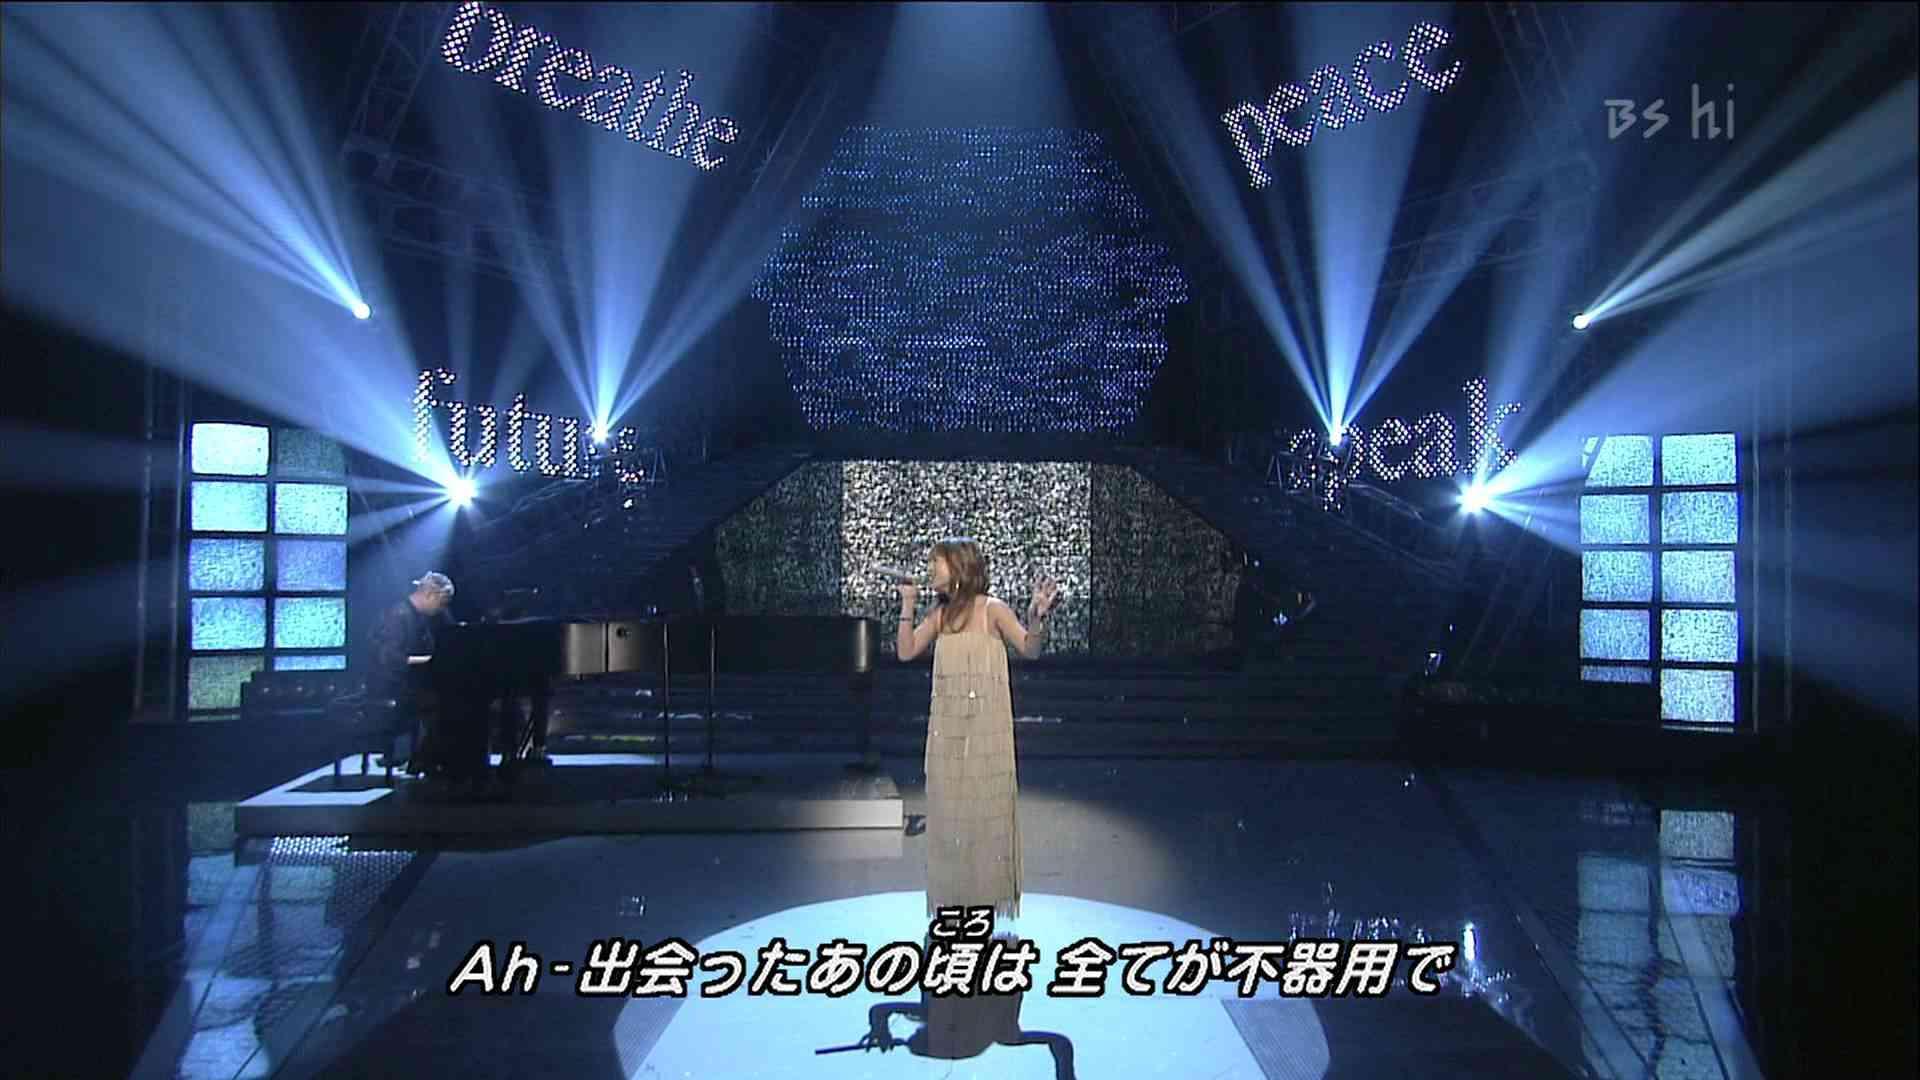 浜崎あゆみ • Dearest - YouTube